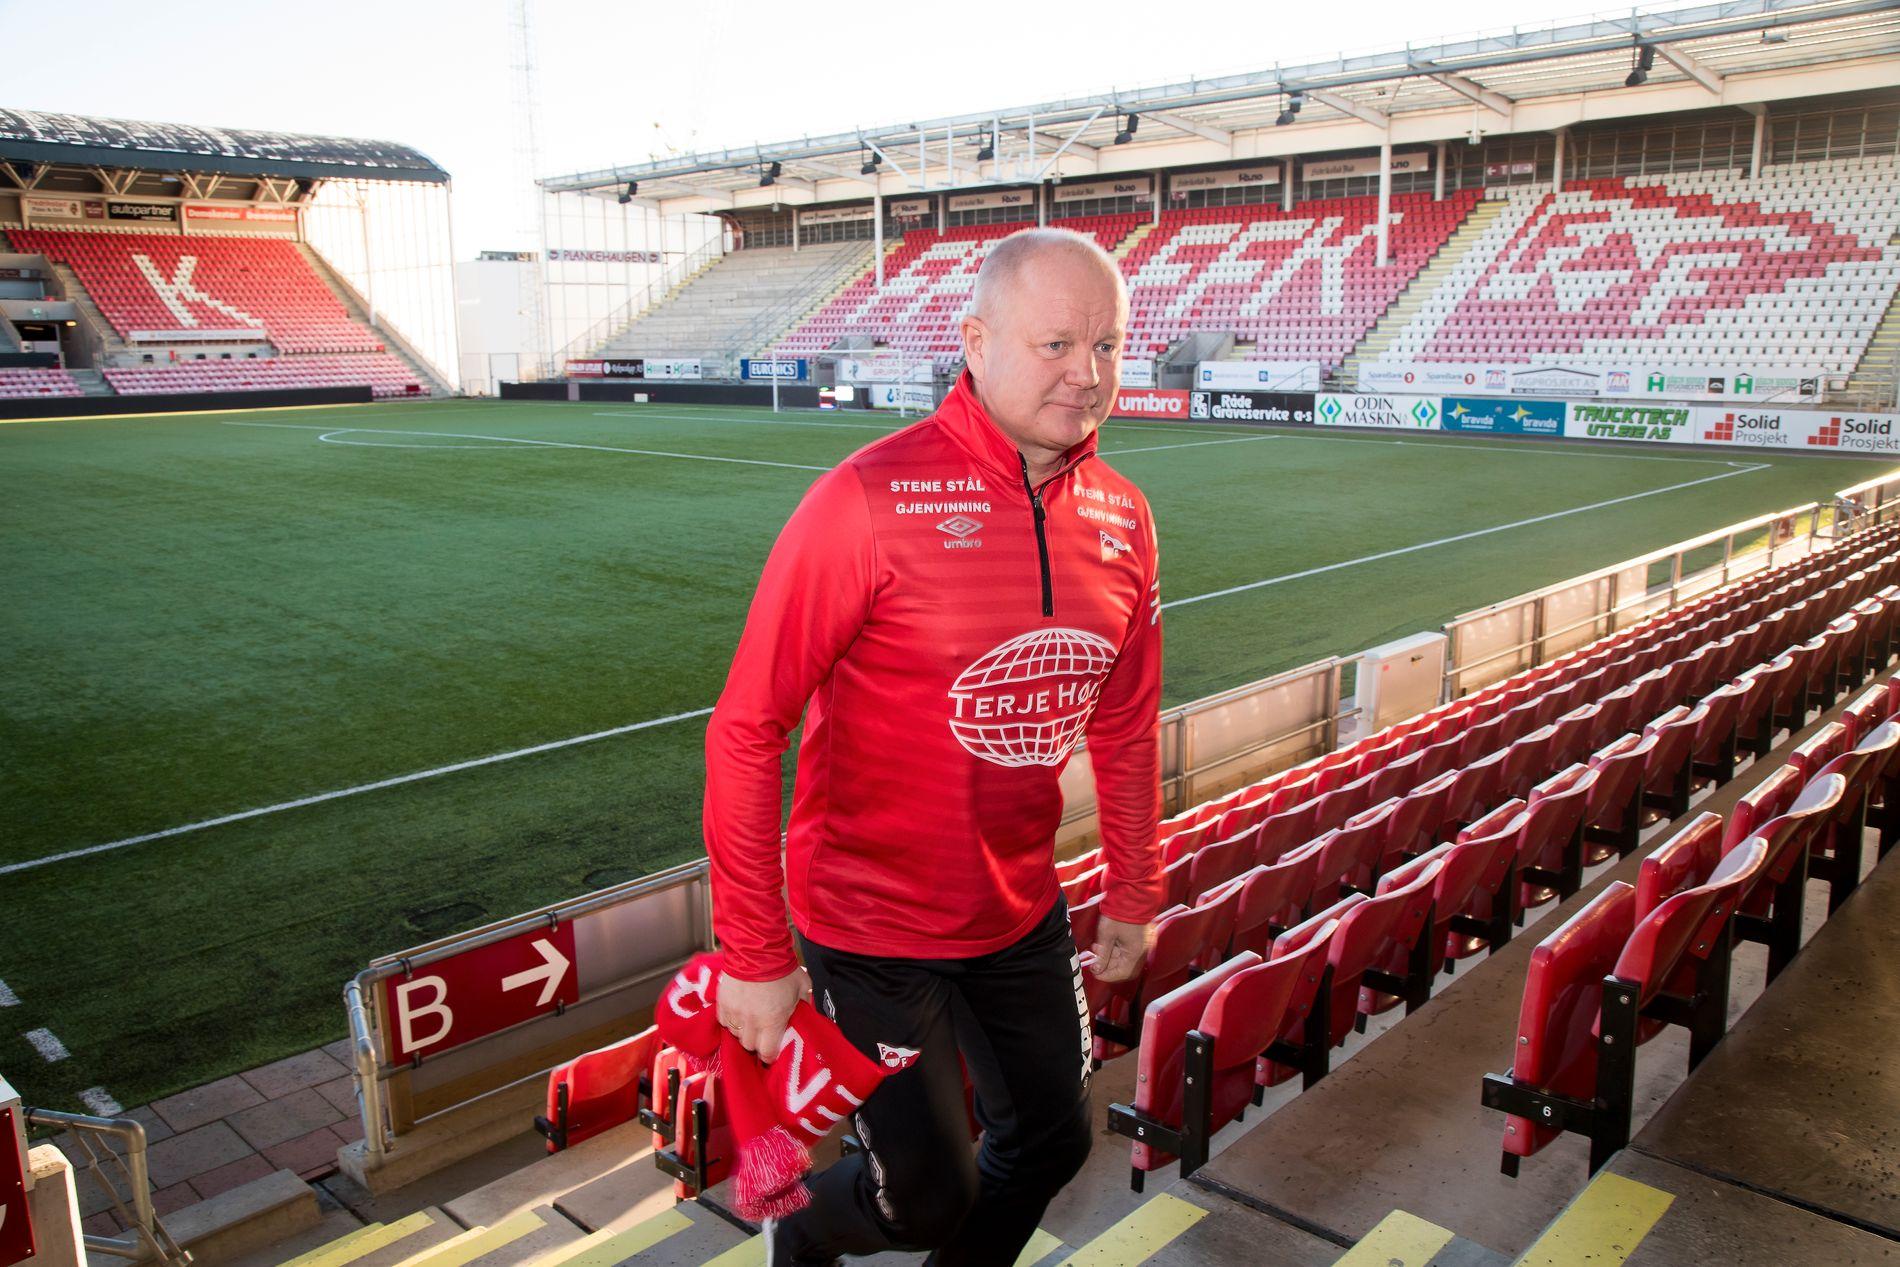 NY JOBB: Per-Mathias Høgmo ble fredag presentert som ny trener for 2.-divisjonsklubben Fredrikstad.